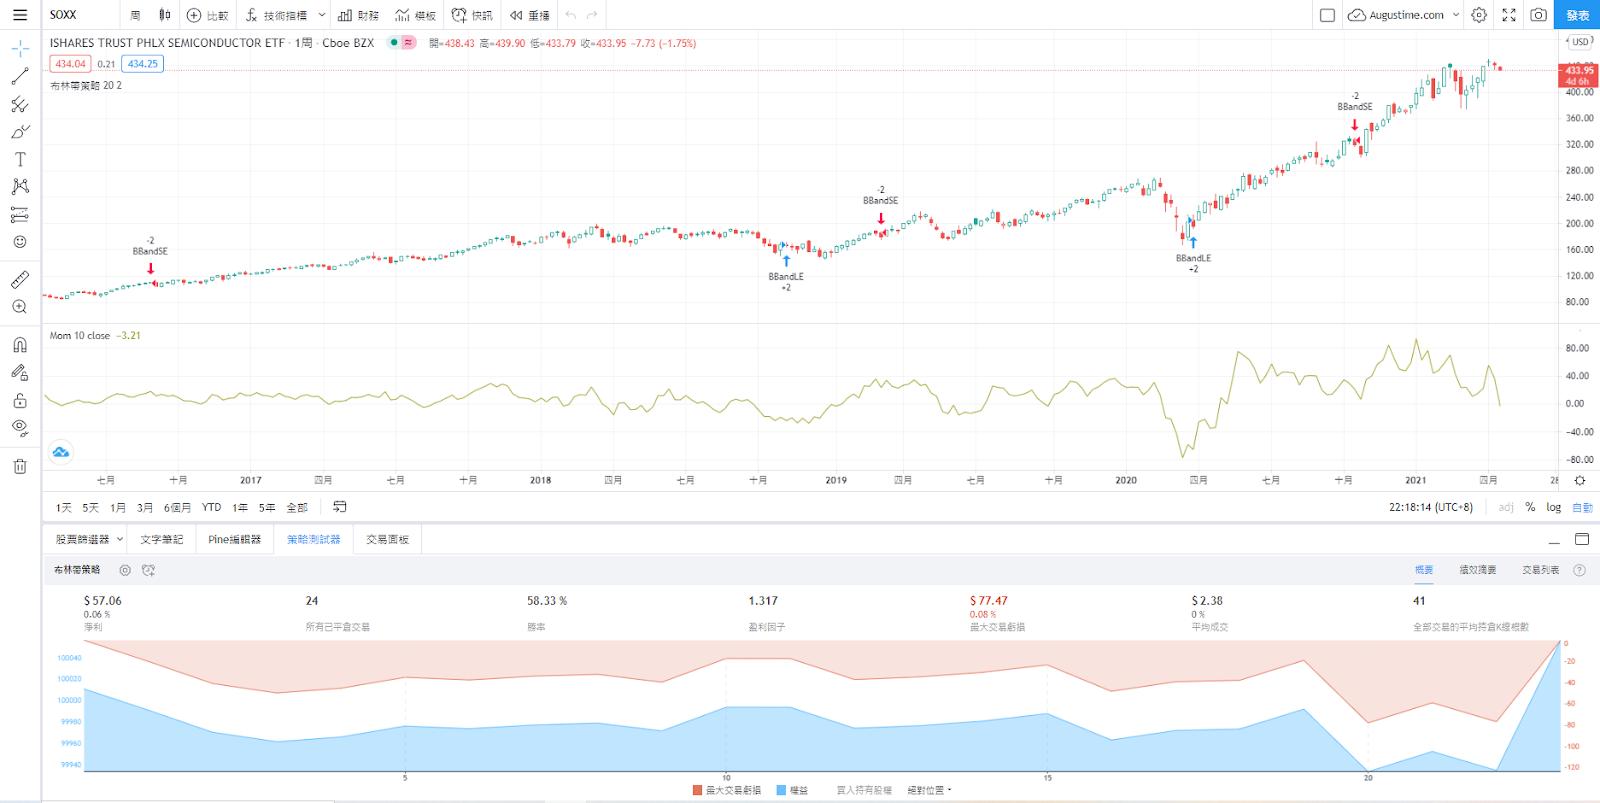 SOXX股價走勢圖與K線圖